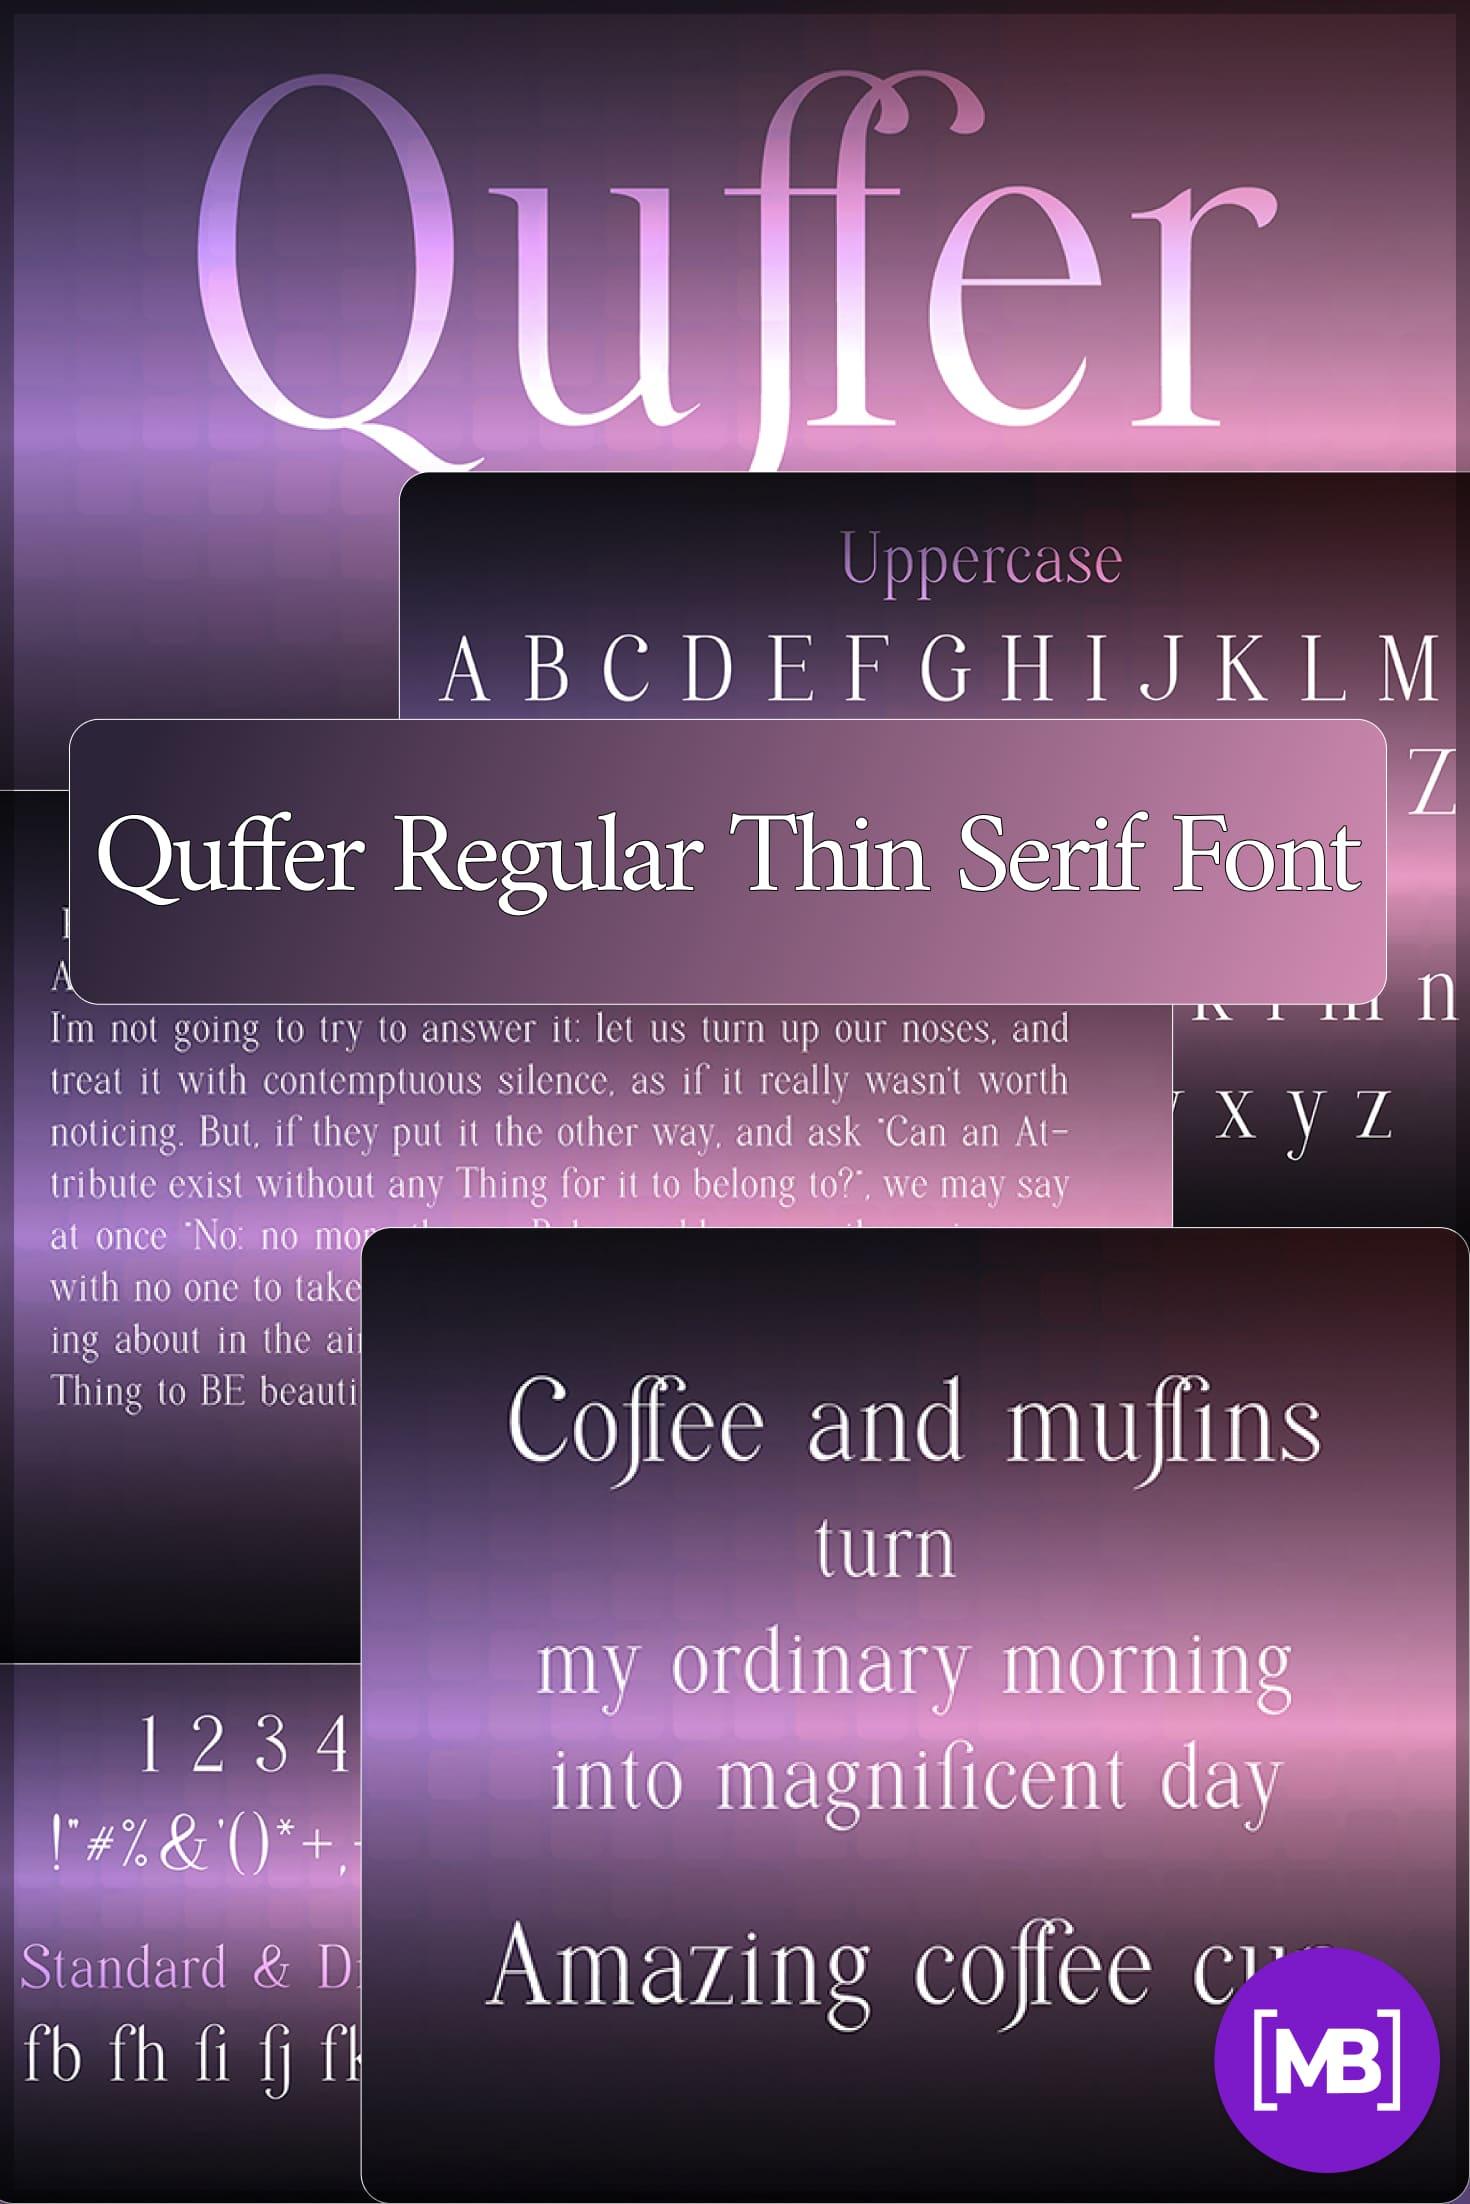 Pinterest Image: Quffer Regular Thin Serif Font.